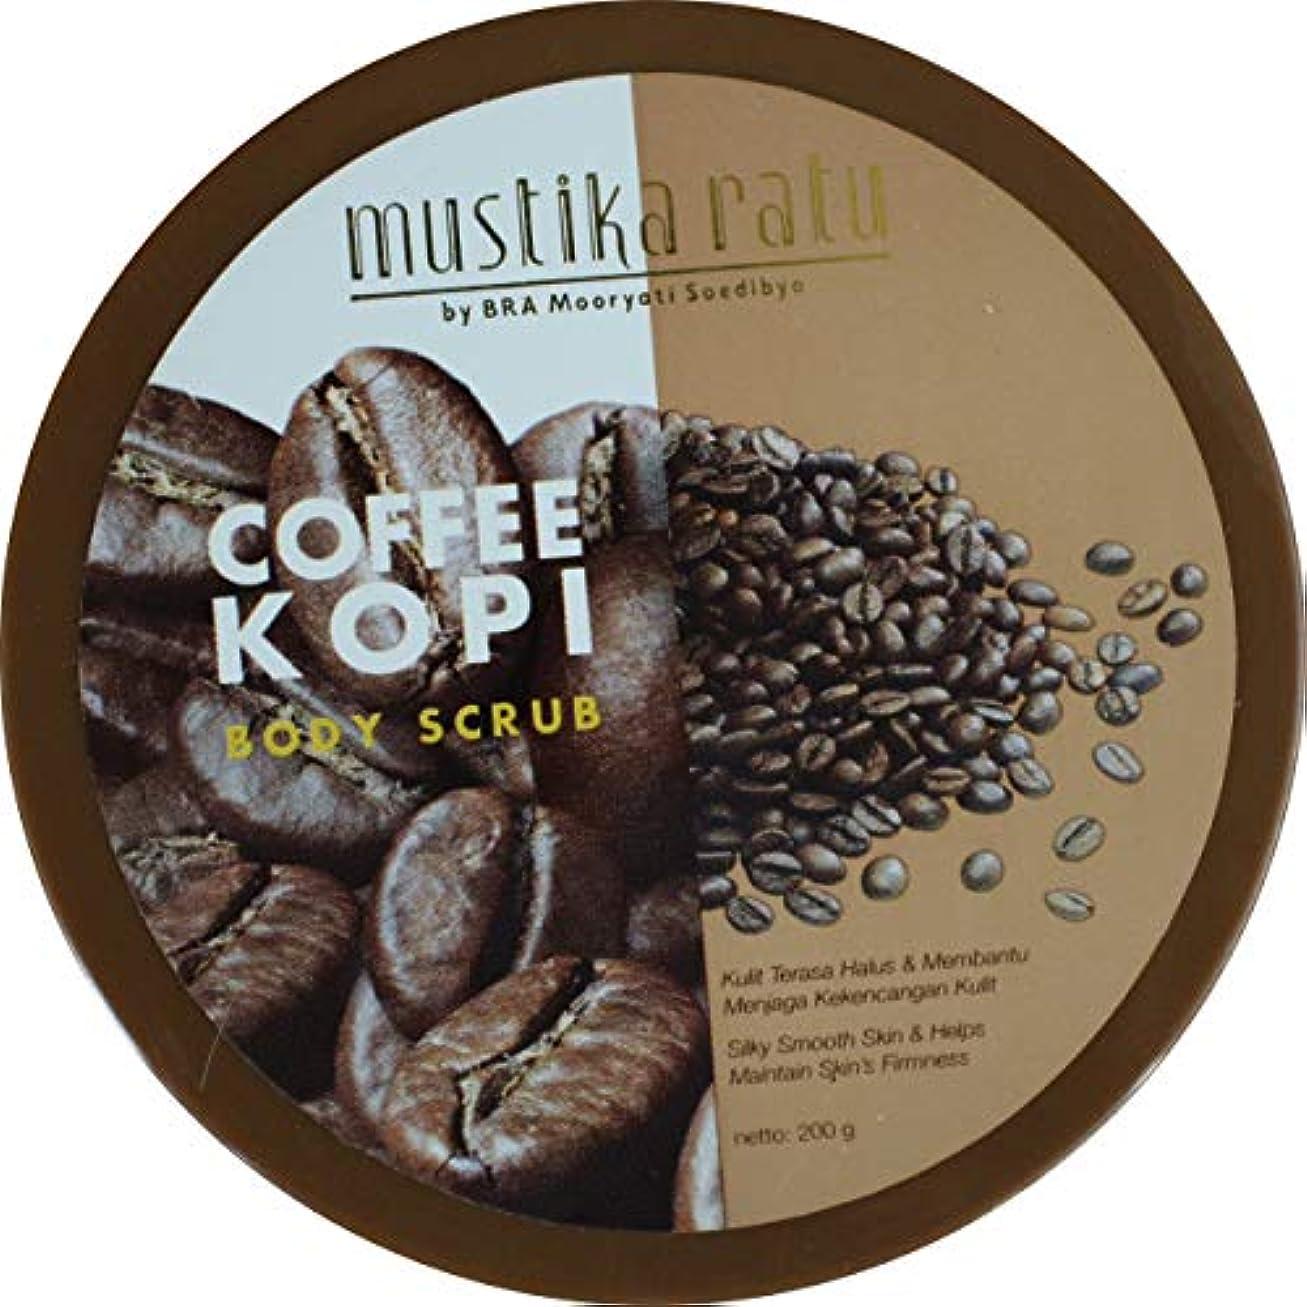 アイザック申し立てる拒絶するMustika Ratu インドネシア200グラム単位でのコーヒーボディスクラップ